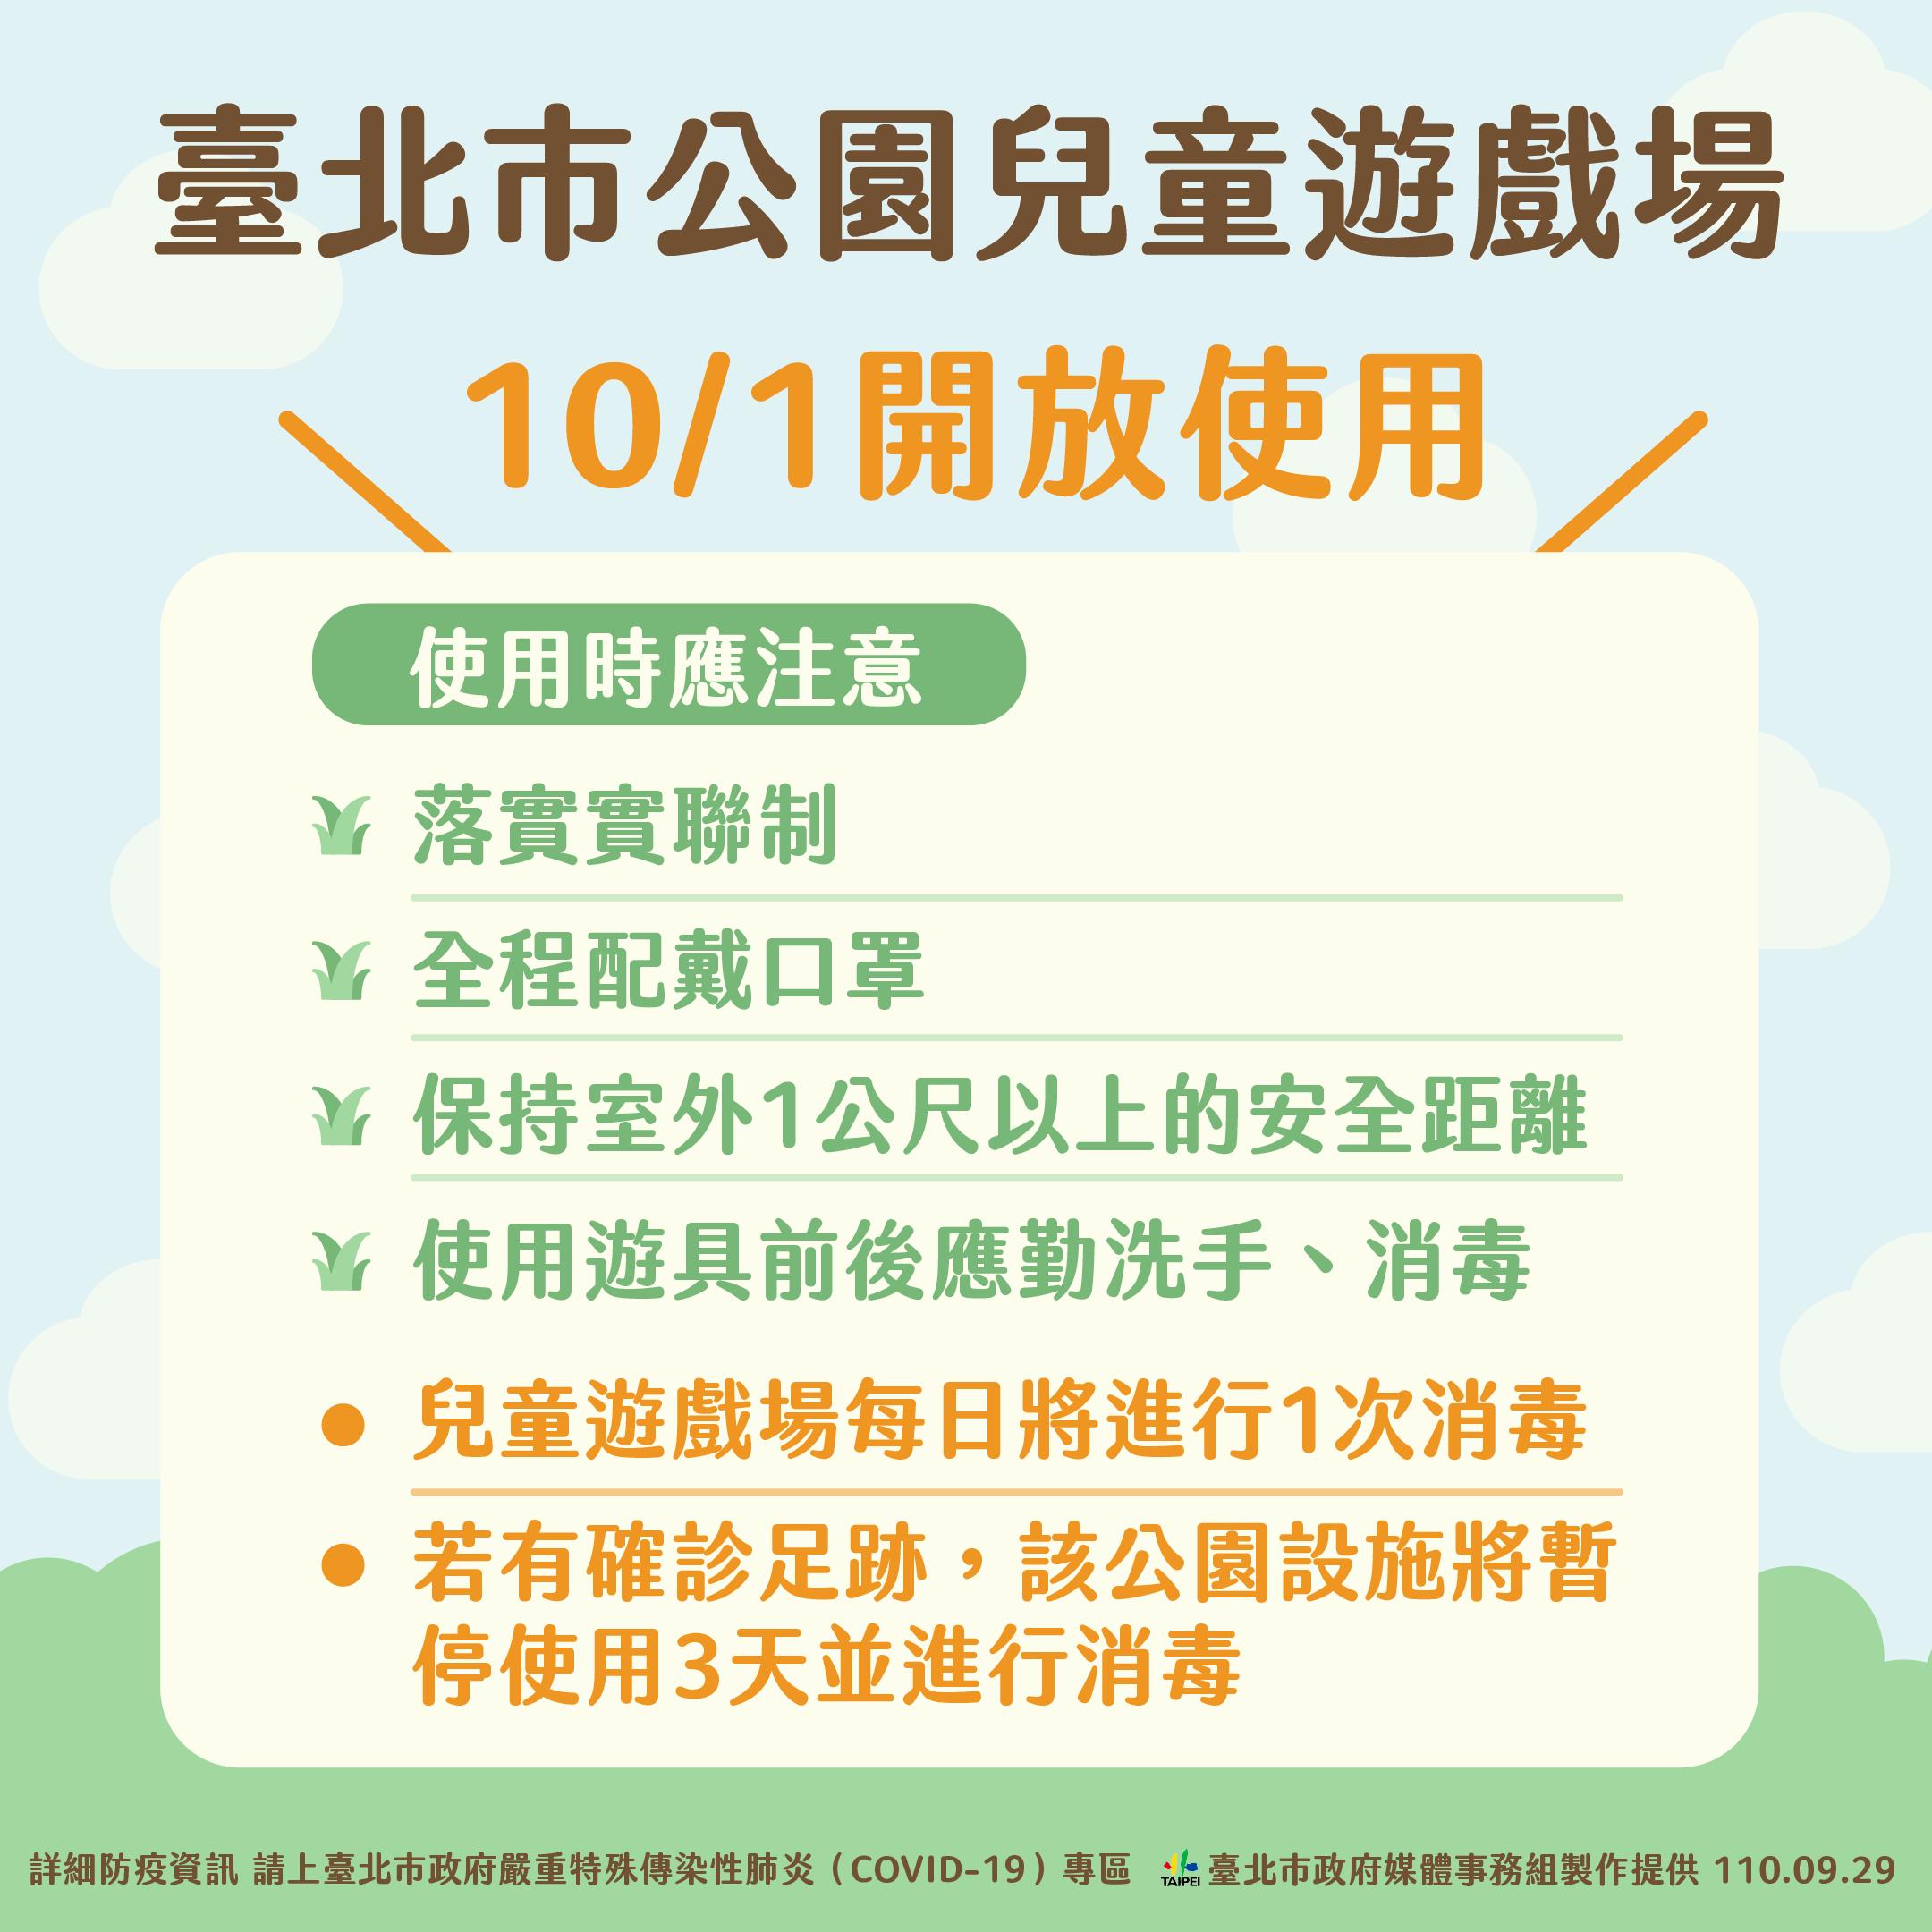 北市公園兒童遊戲場10/1開放使用。(圖/台北市政府) 大小朋友能放風了!台北市將開放公園遊戲場、校外教學